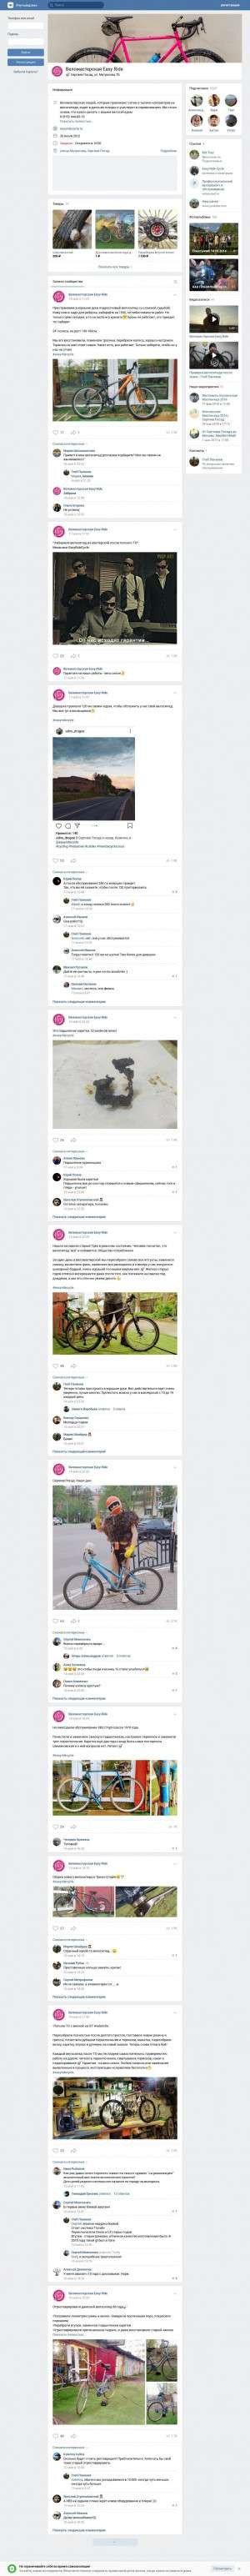 Предпросмотр для vk.com — Клуб велосипедистов